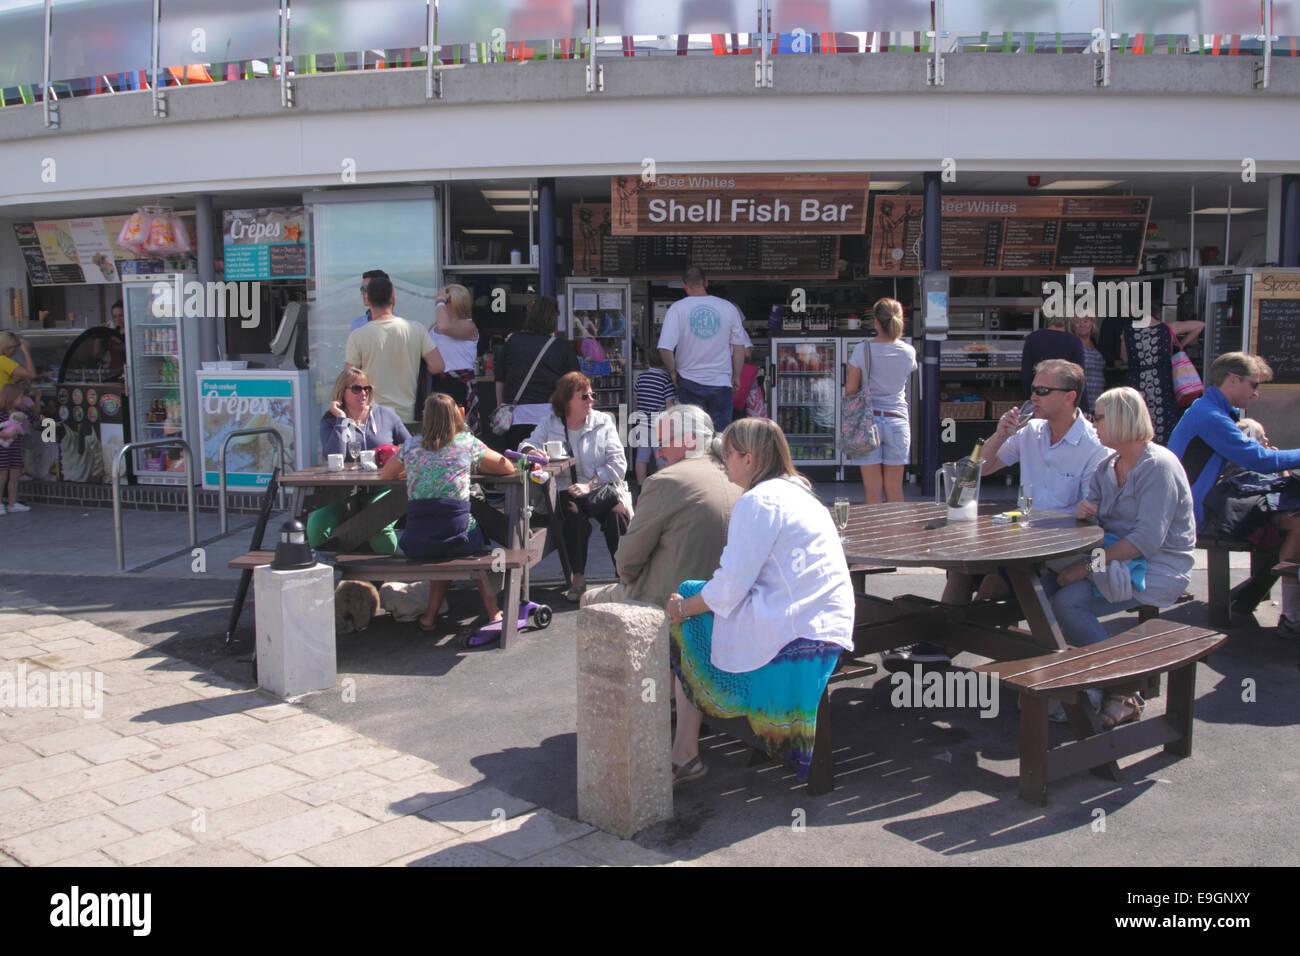 Gee Whites Shell Fish Bar Swanage Dorset England - Stock Image